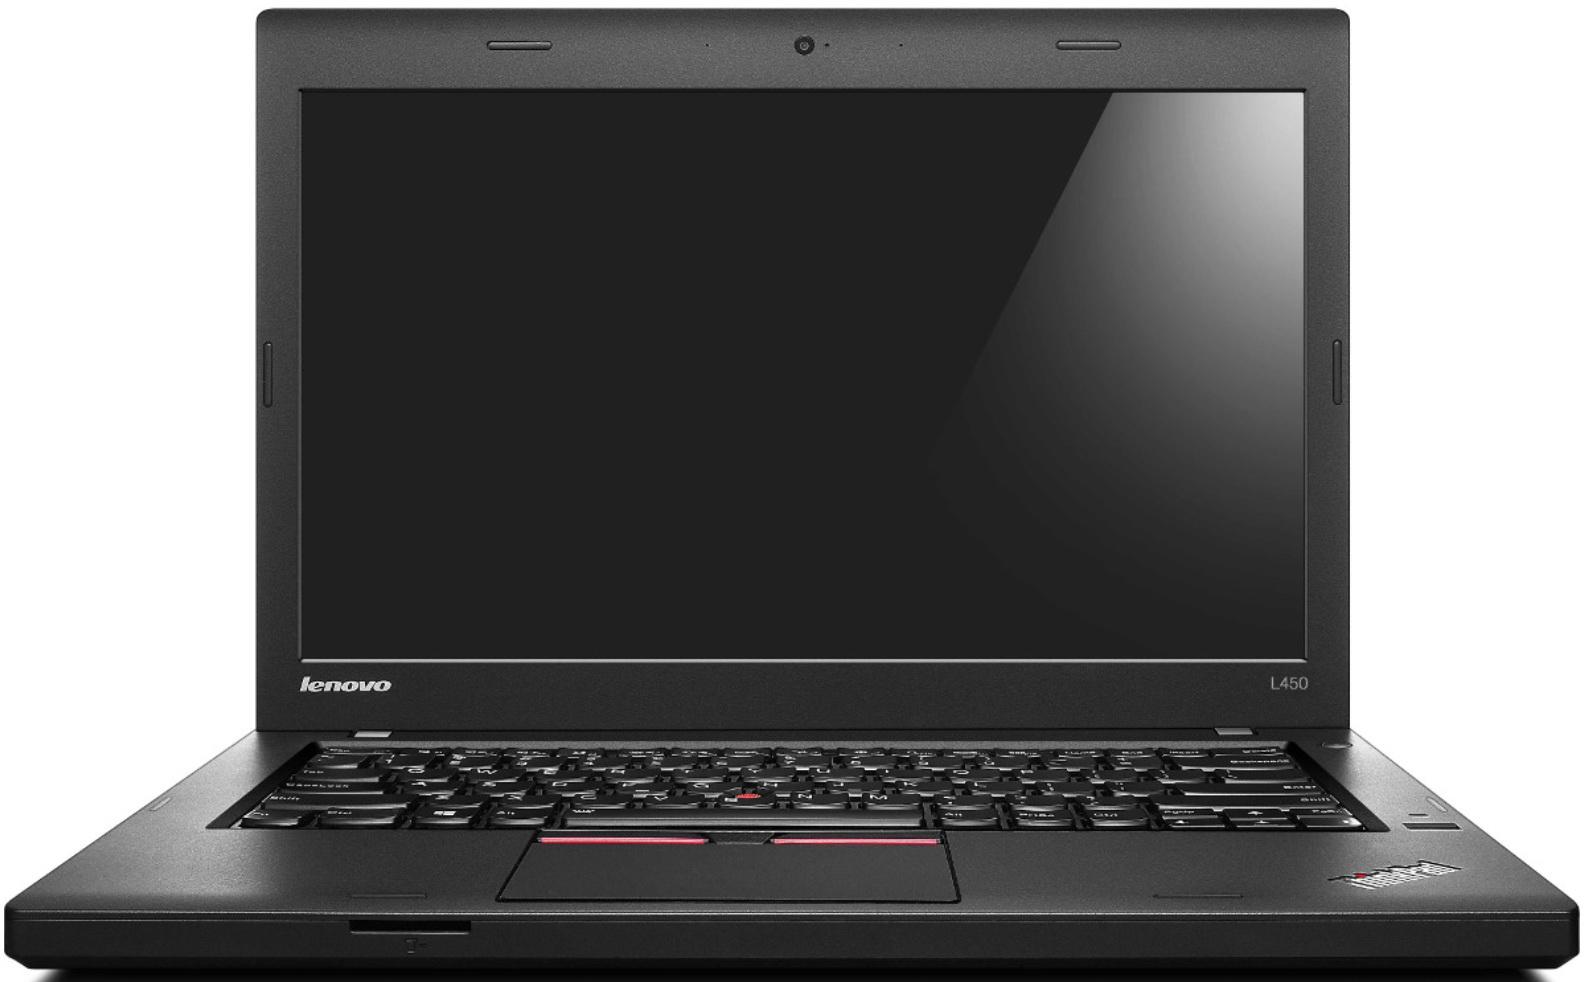 Lenovo E (20DHS00F00)20DHS00F00Ноутбук Lenovo ThinkPad Edge E555 построен на базе четырехъядерного процессора AMD с малым уровнем энергопотребления и оснащен оперативной памятью объемом 4 Гб. Такая конфигурация обеспечивает отличное быстродействие при работе с современными приложениями – в том числе и в режиме многозадачности.